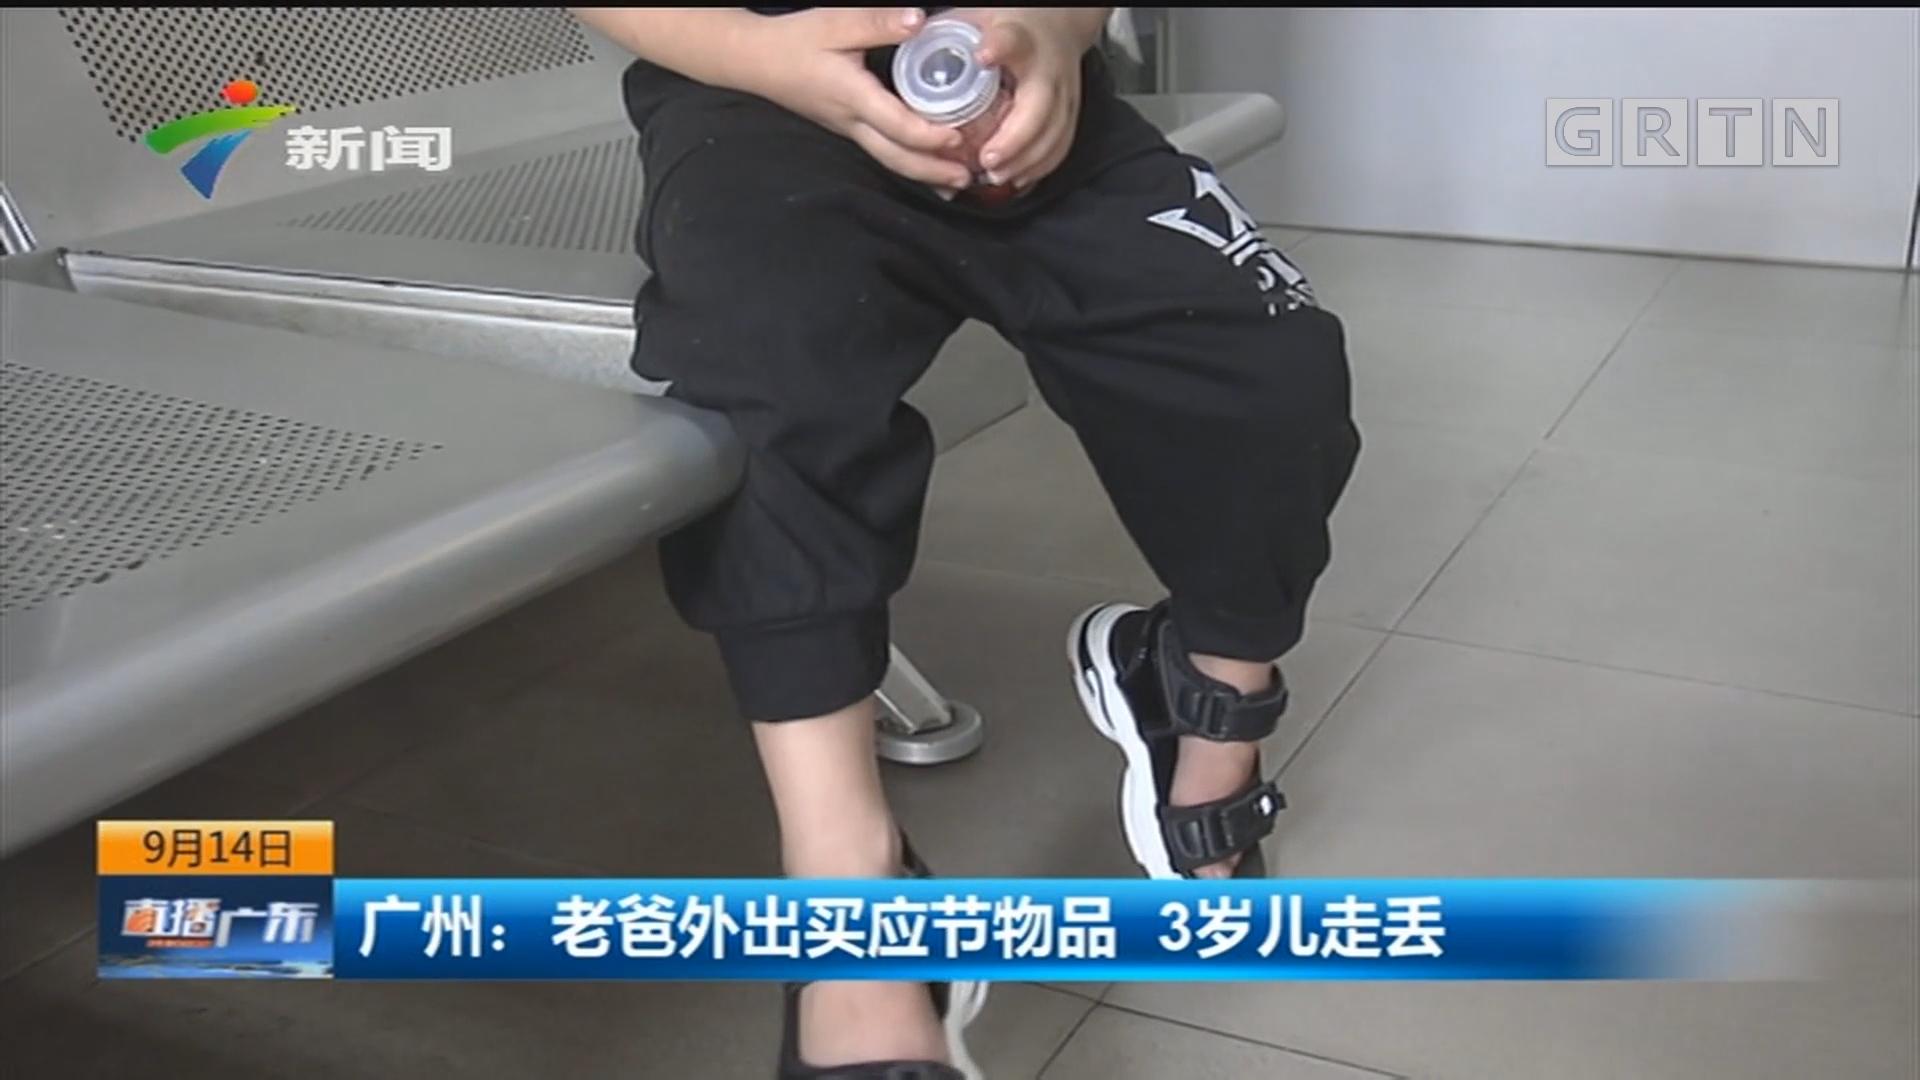 广州:老爸外出买应节物品 3岁儿走丢